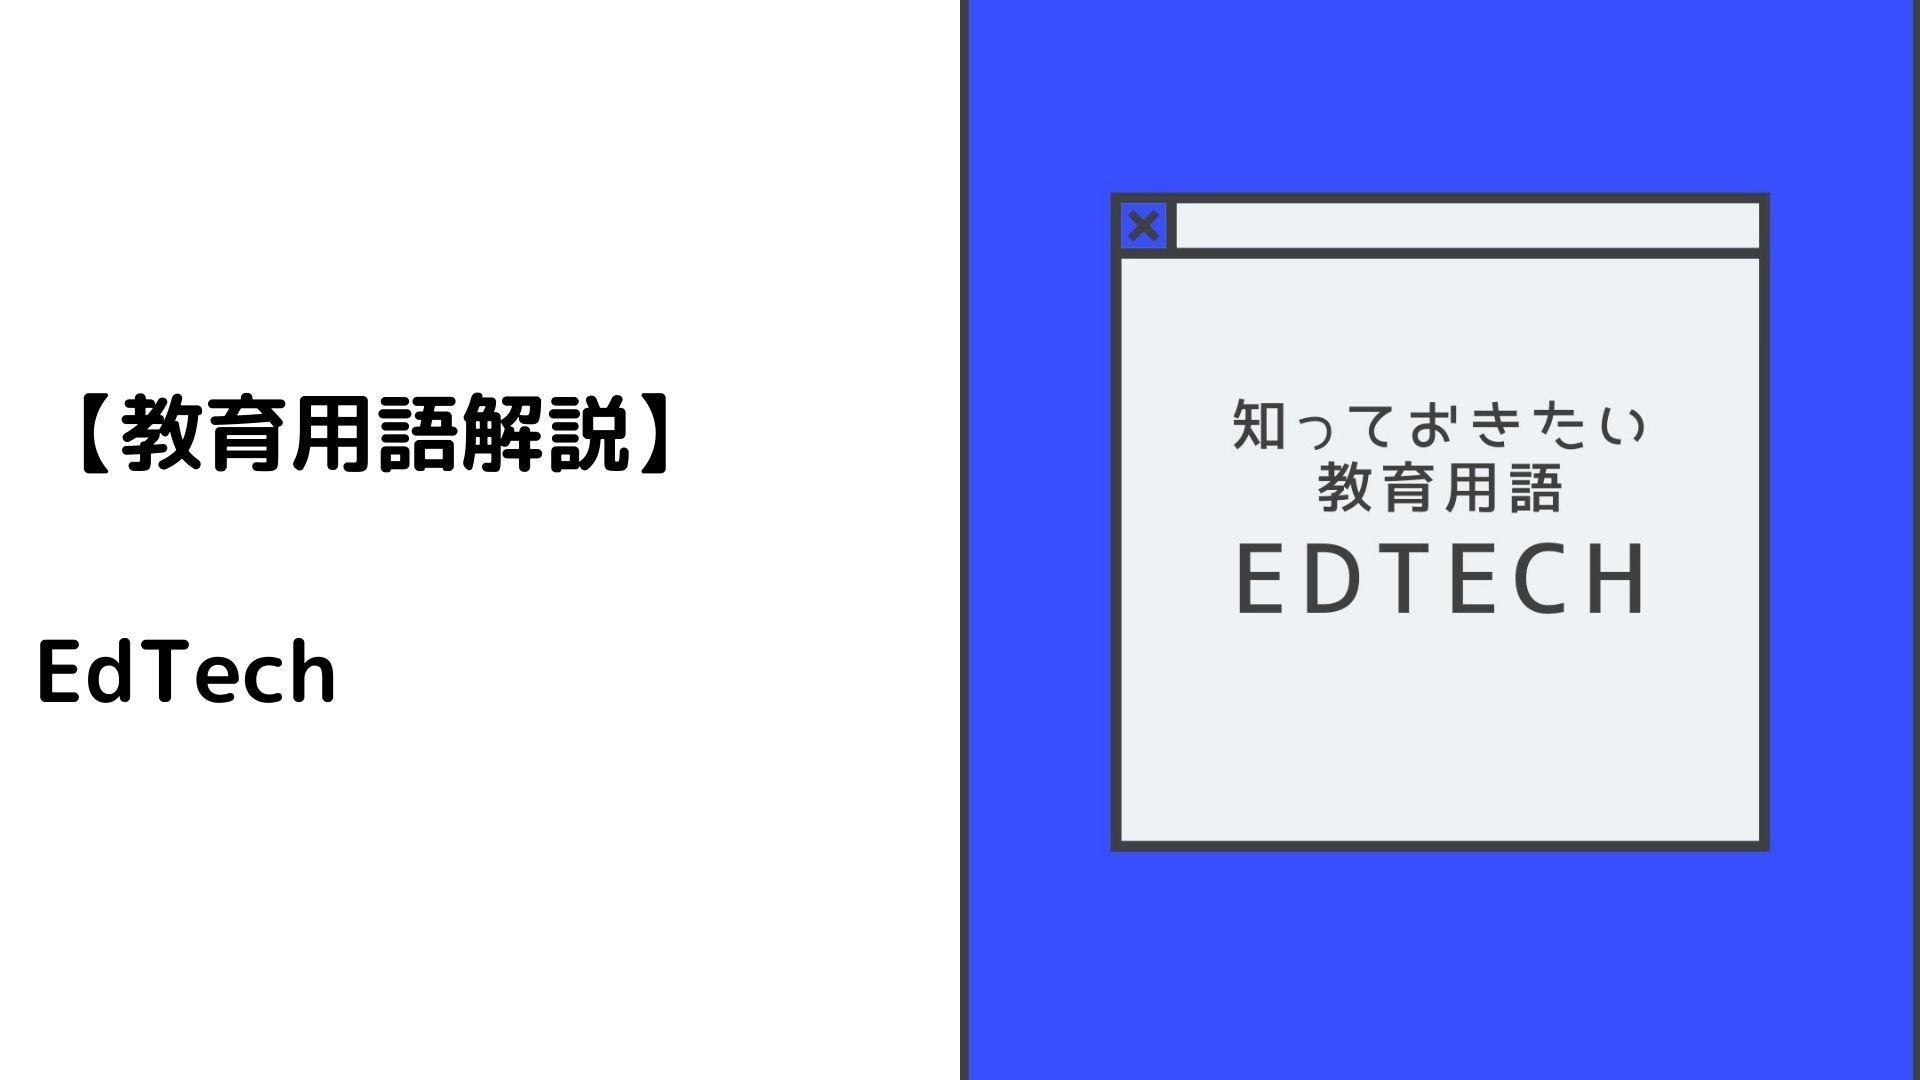 知っておきたい教育用語:EdTech